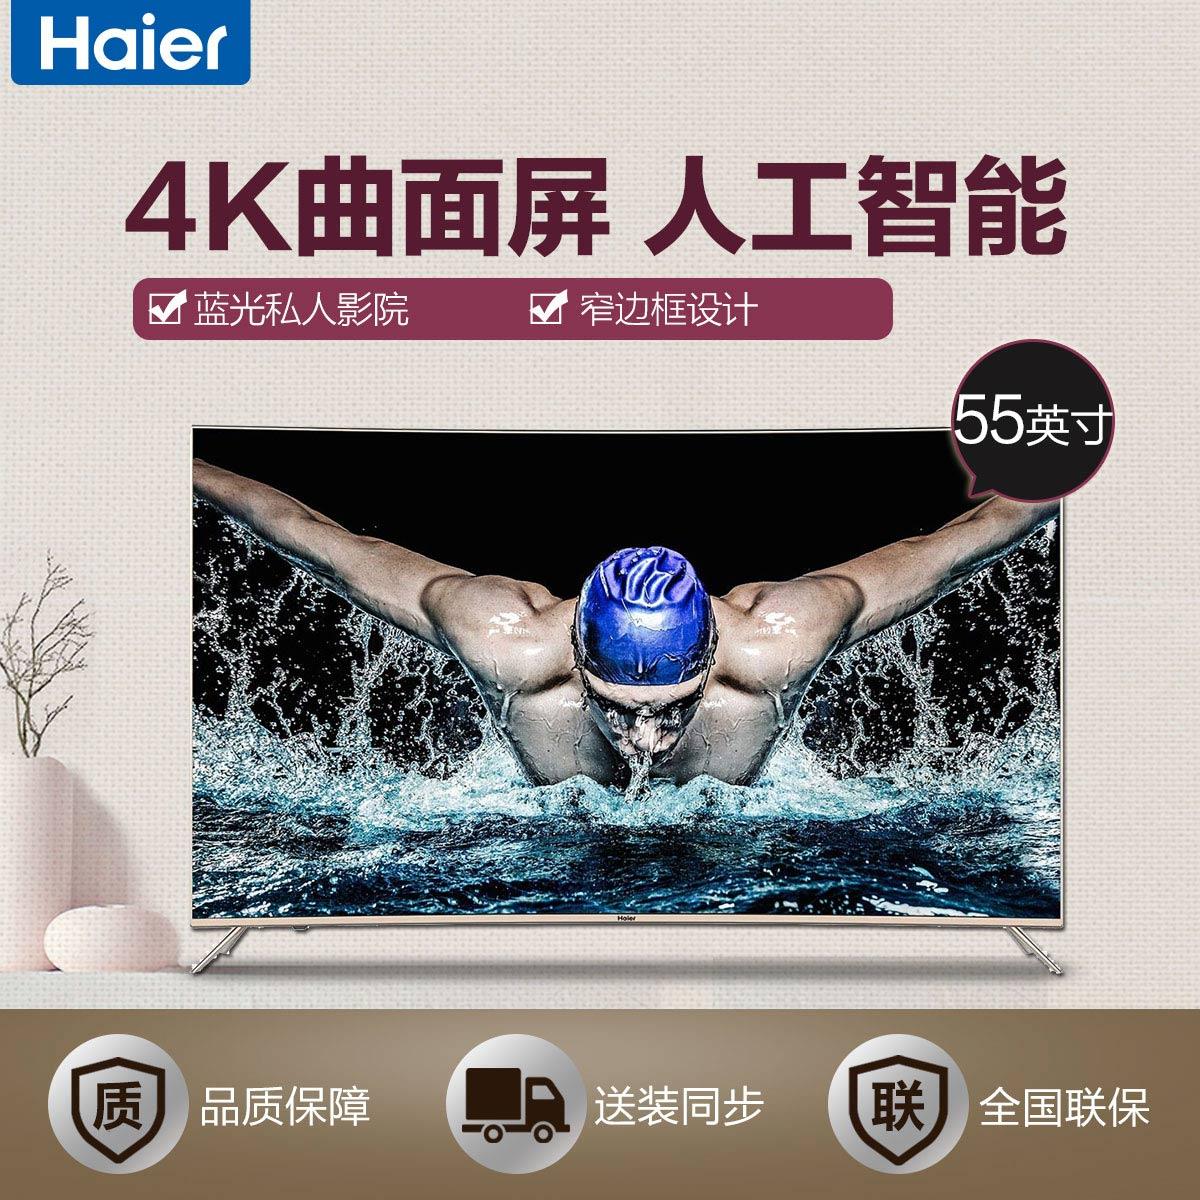 全面屏,4K超清,曲面窄边框,智能语音操控 LQ55H31 55吋全面屏超清曲面人工智能电视